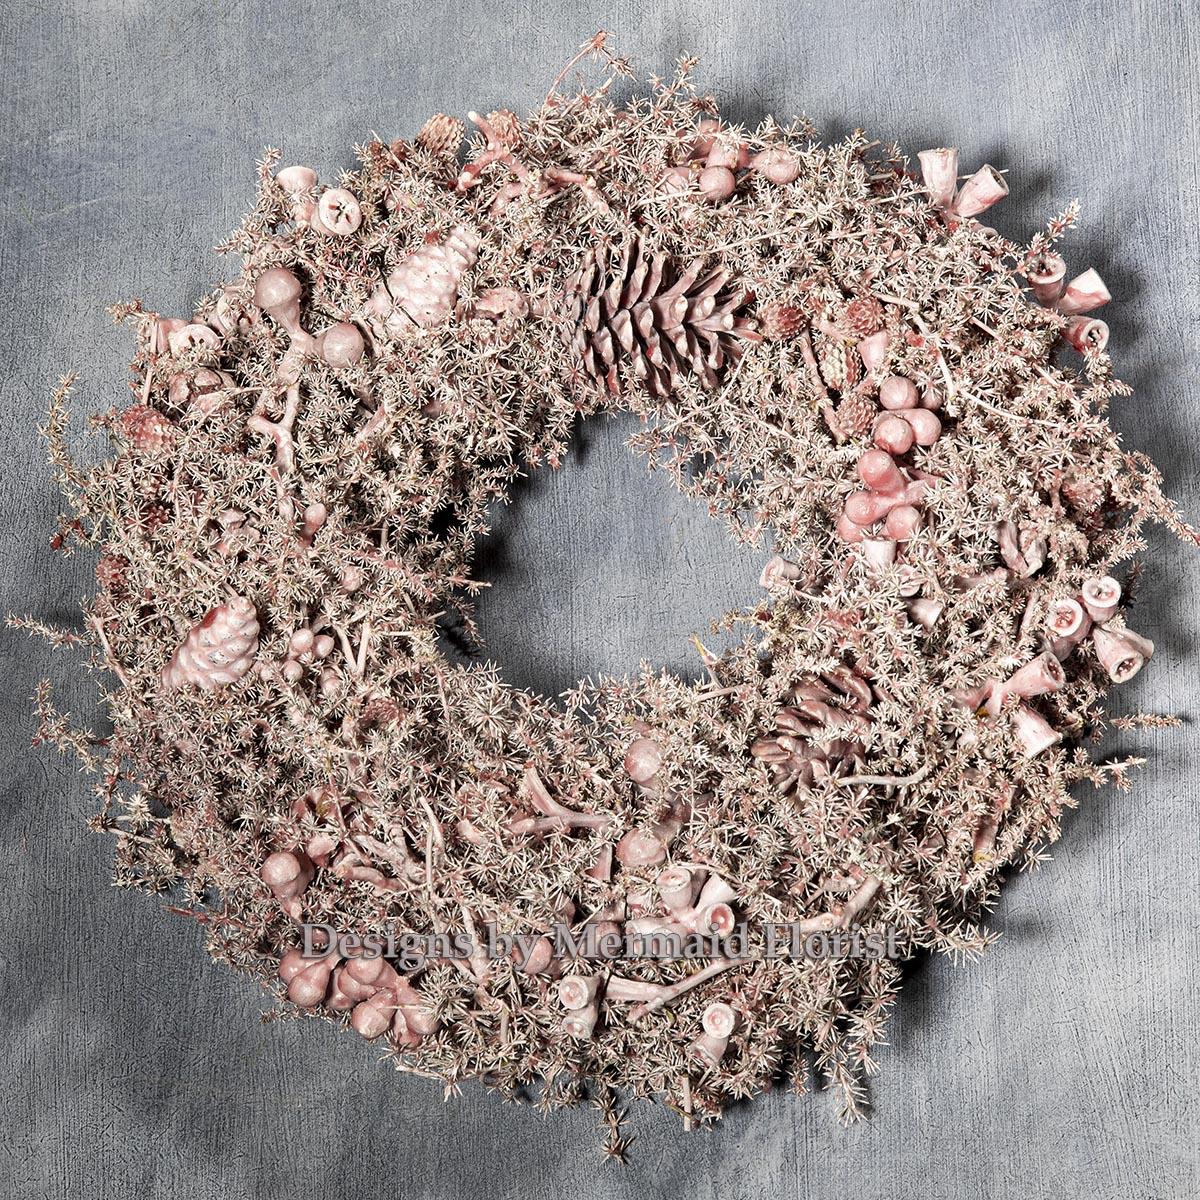 Fairytale Pink Christmas Wreath